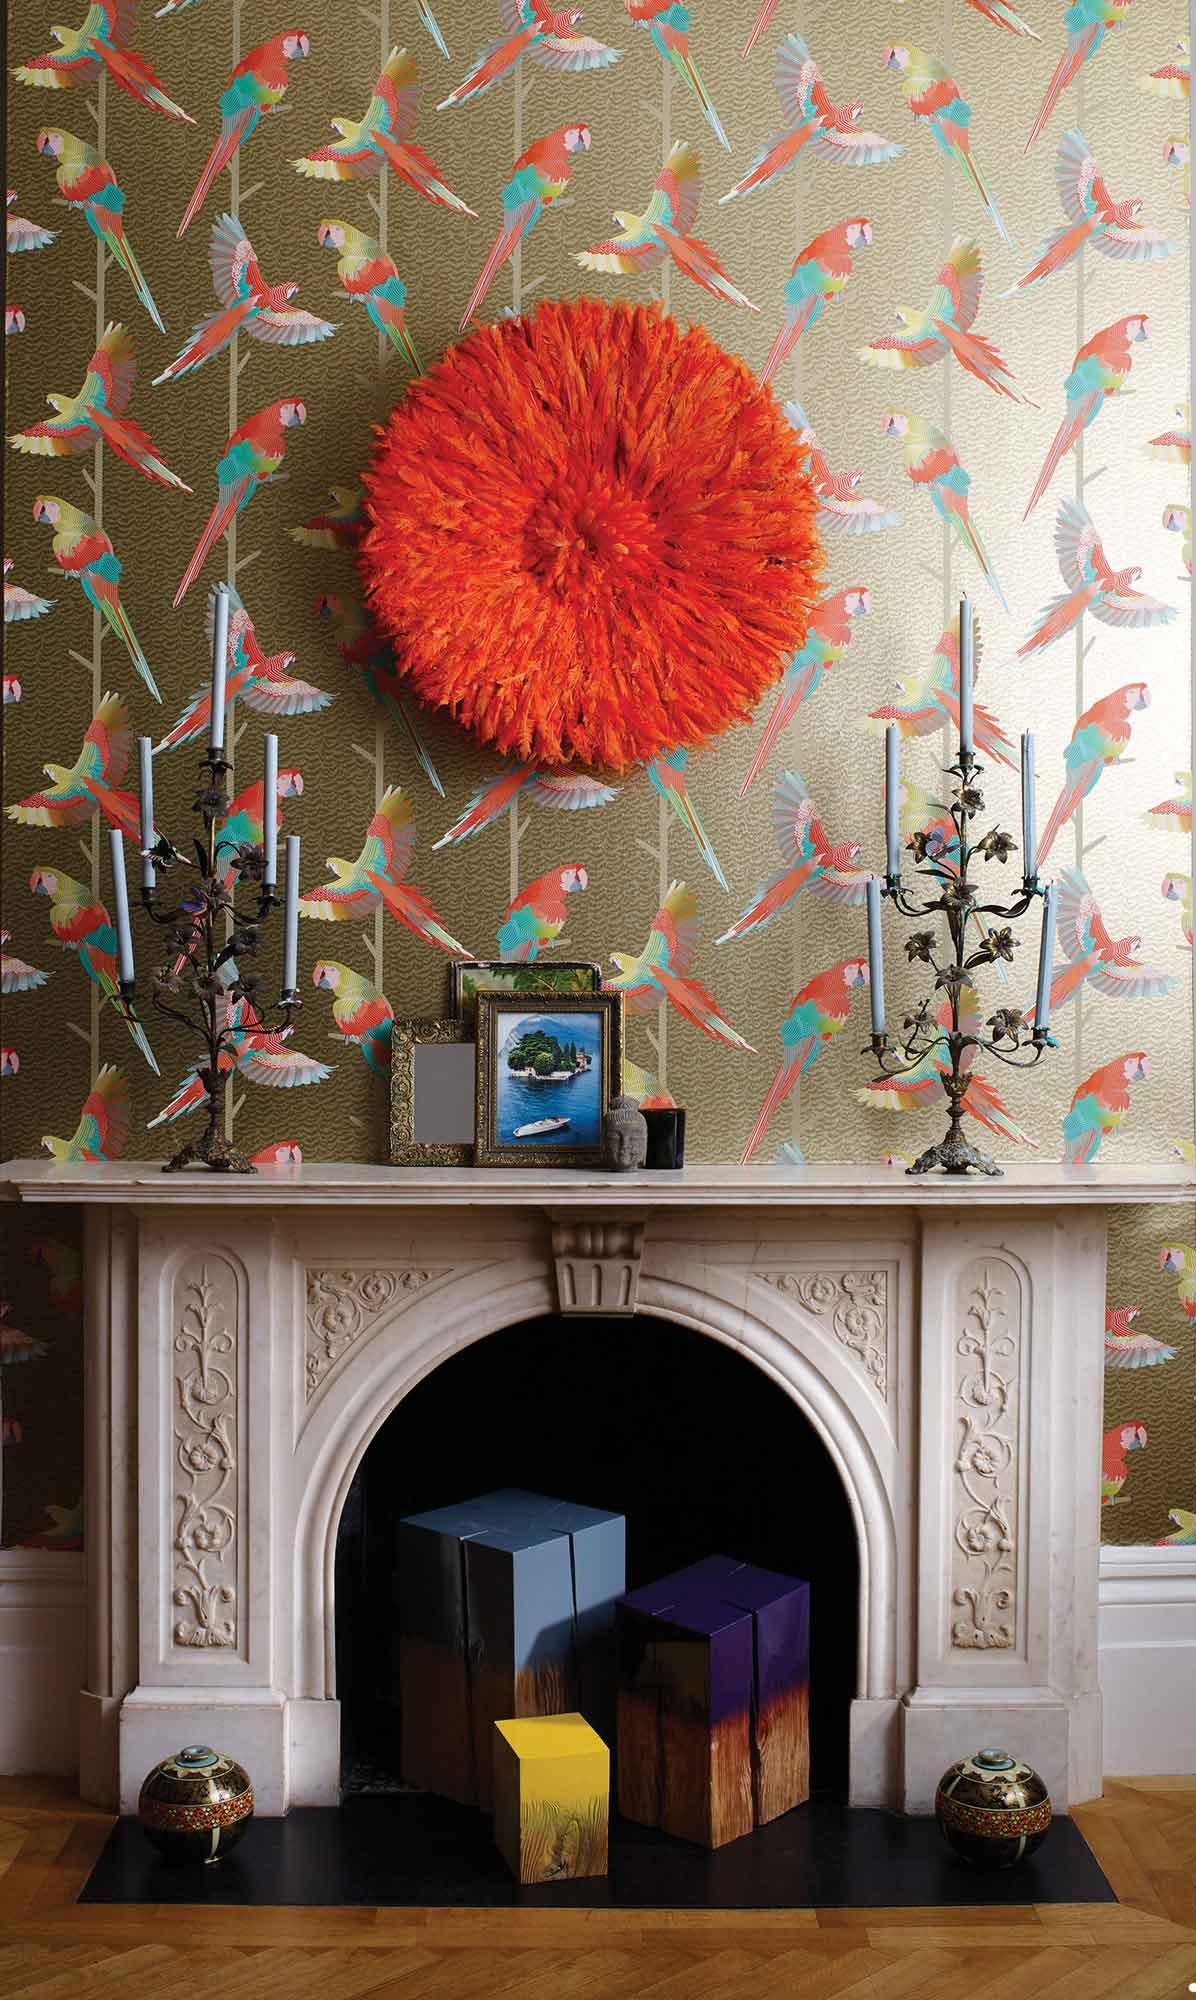 tapeten und stoffe bilder galerie 46 alle tapeten und stoffe online kaufen. Black Bedroom Furniture Sets. Home Design Ideas